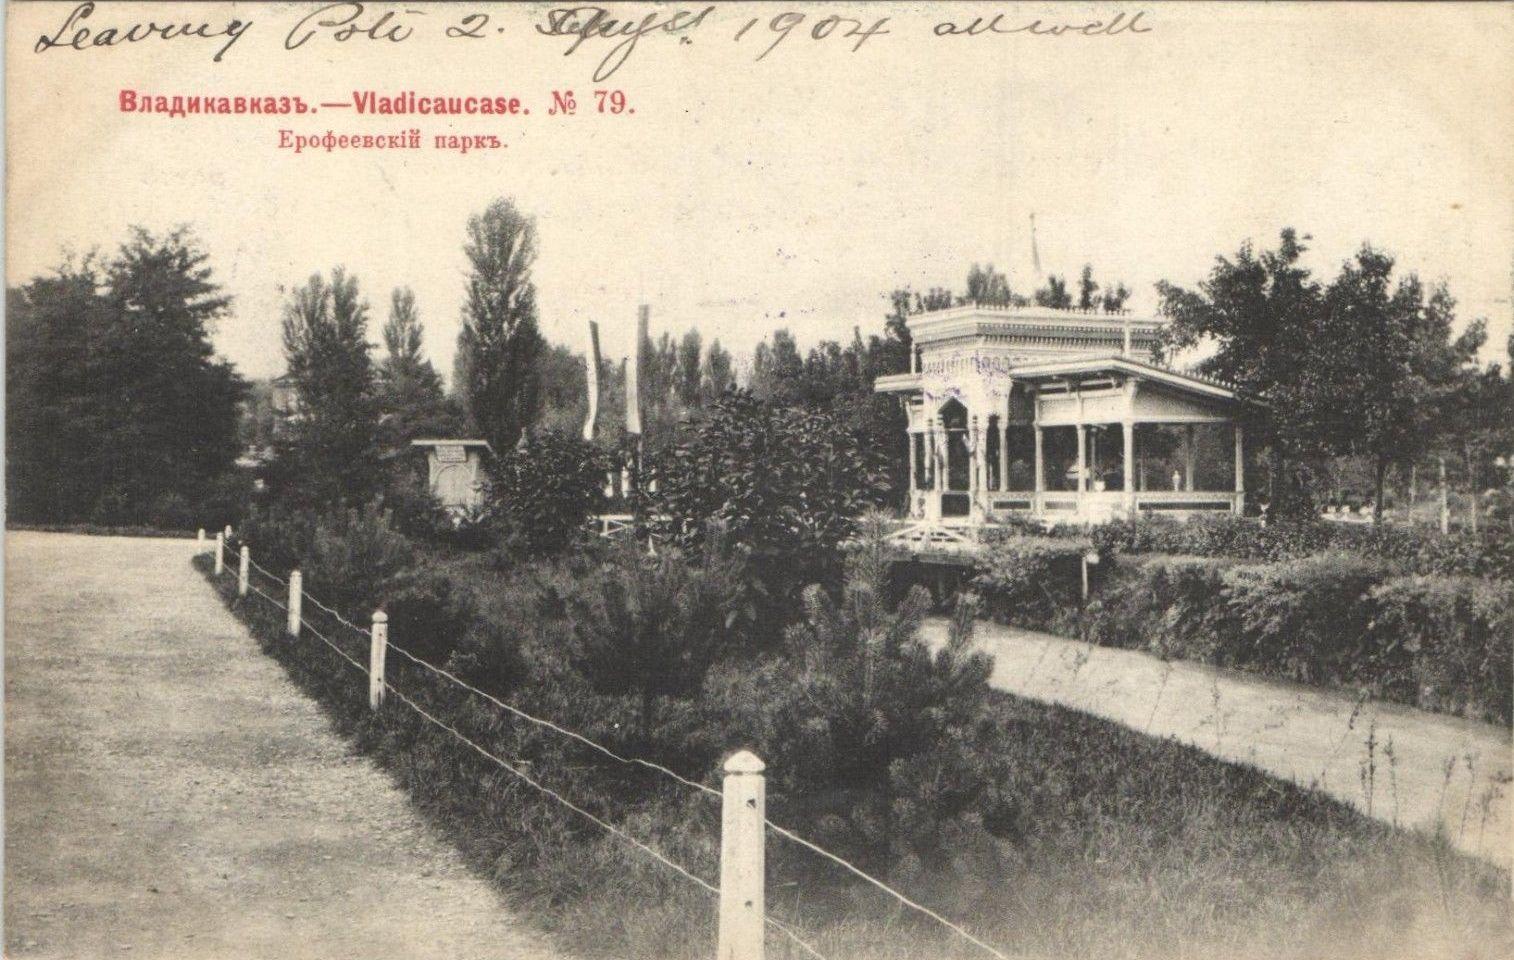 Ерофеевский парк